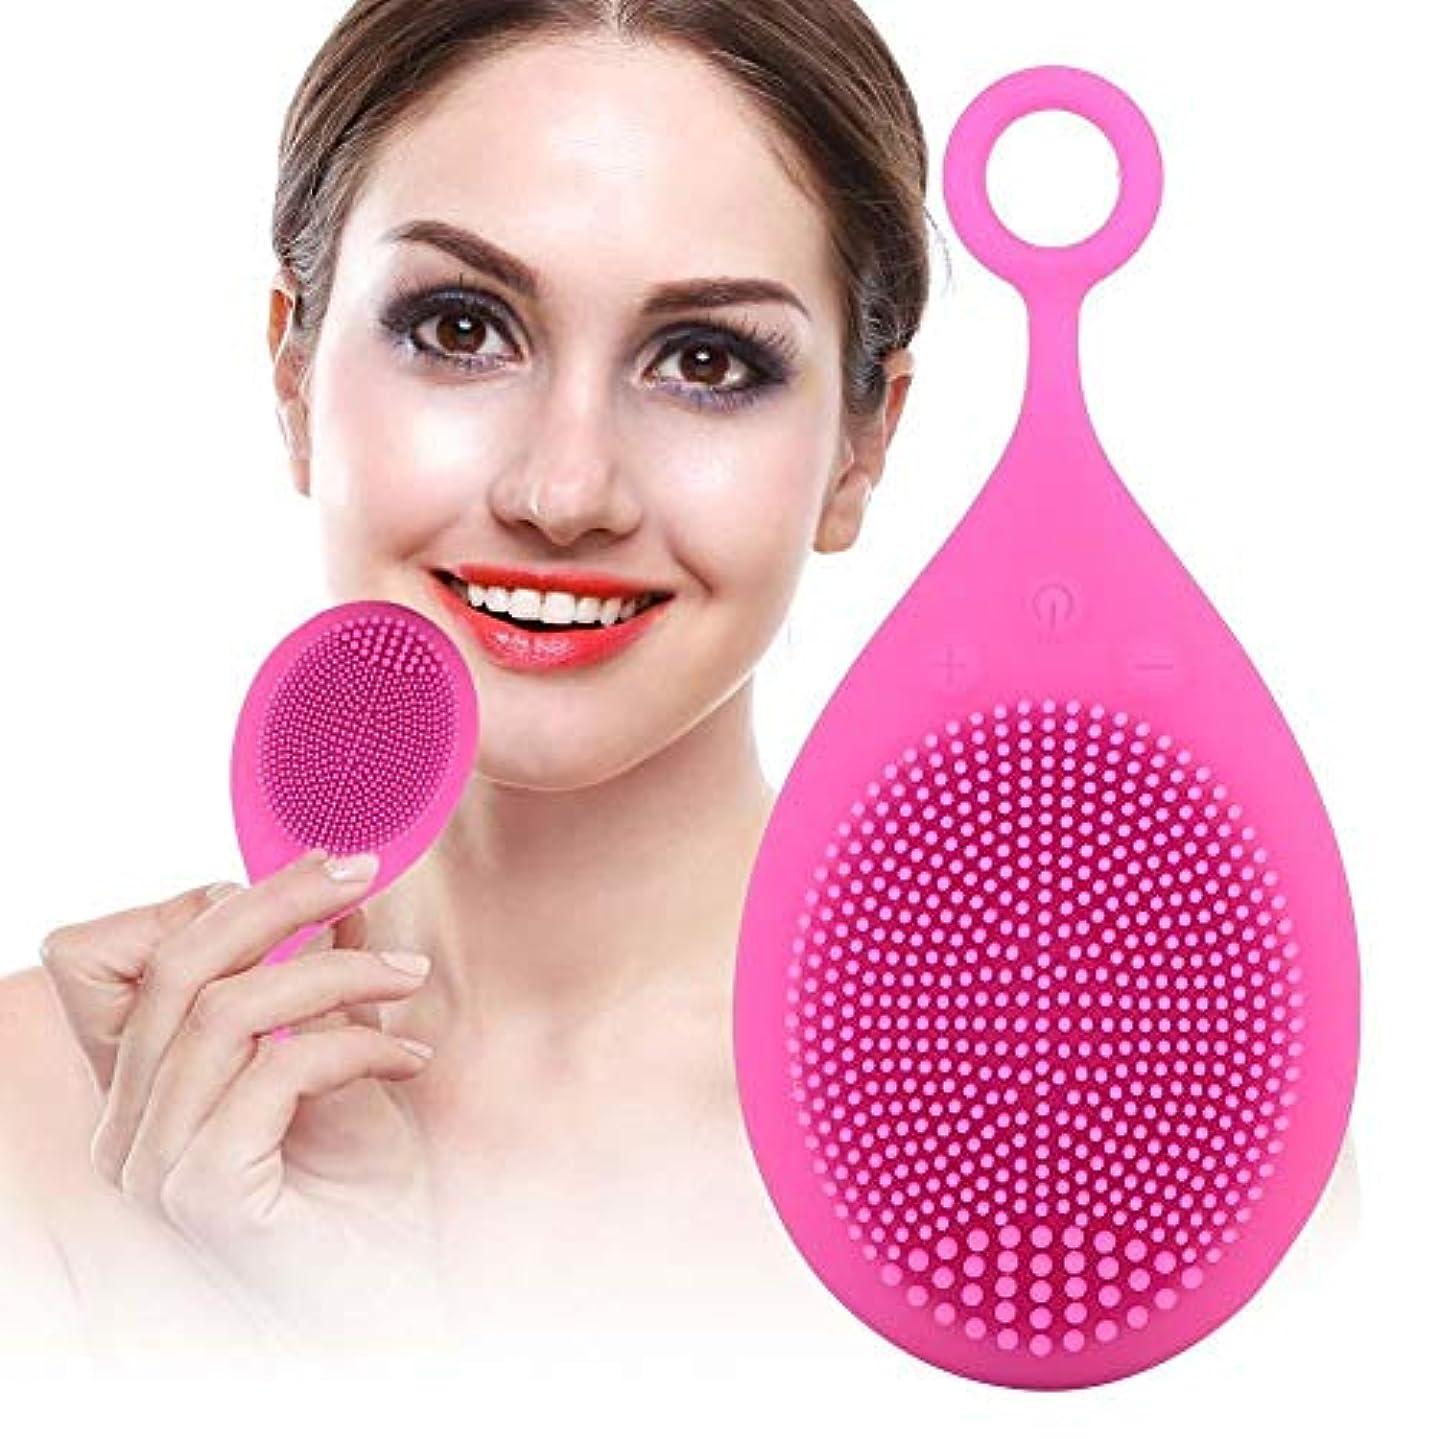 段階超高層ビル助言する洗顔ブラシ、携帯用電気クレンジングブラシ、スキンケア剥離用電動マッサージブラシ